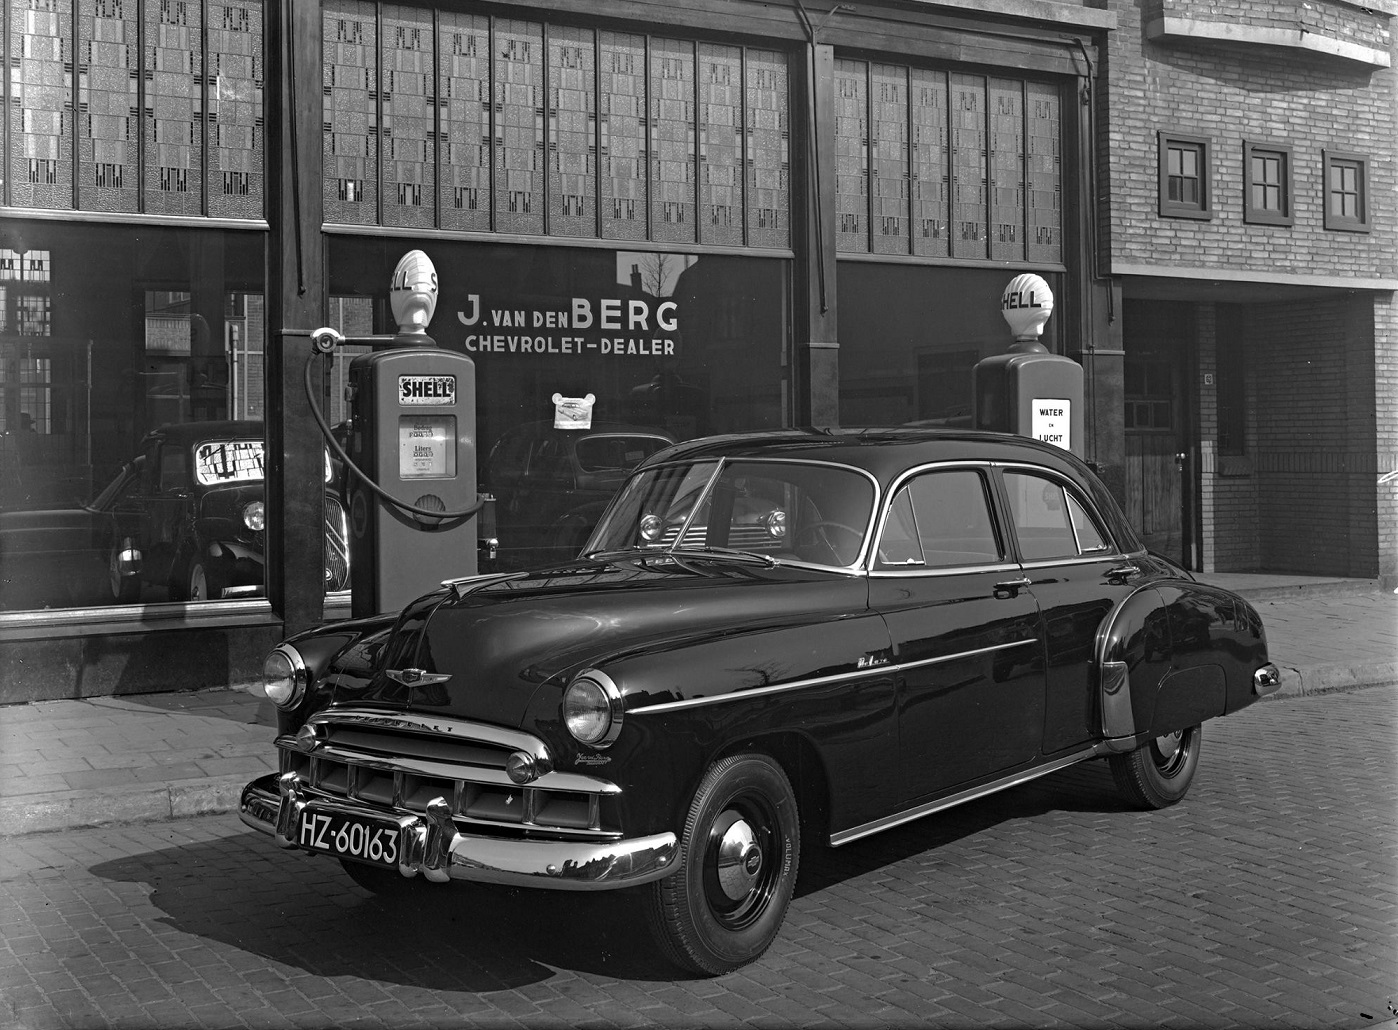 Chevrolet-Dealer-j-van-de-Berg